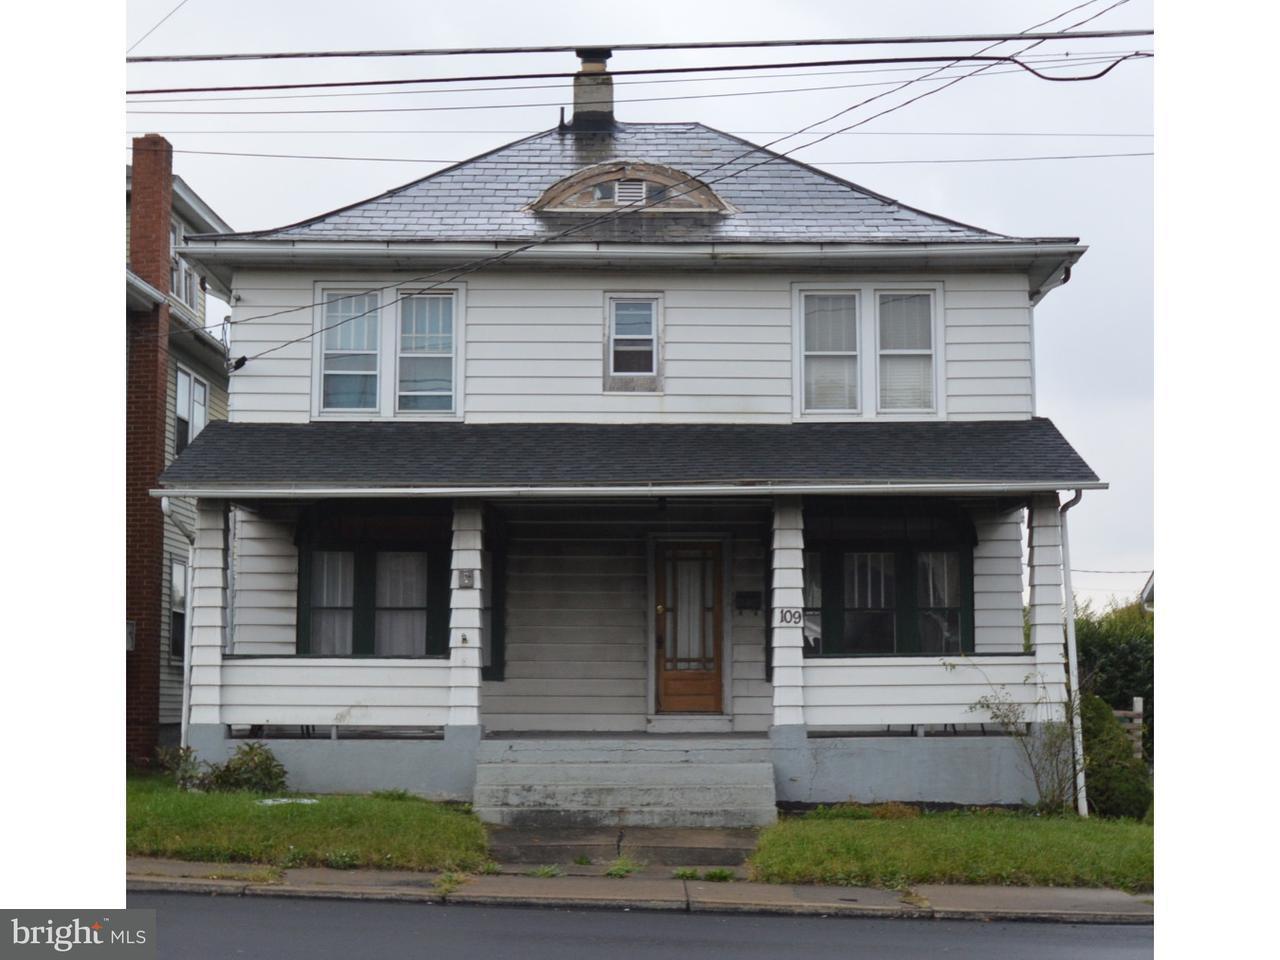 独户住宅 为 销售 在 109 N LEHIGH Avenue Wind Gap, 宾夕法尼亚州 18091 美国